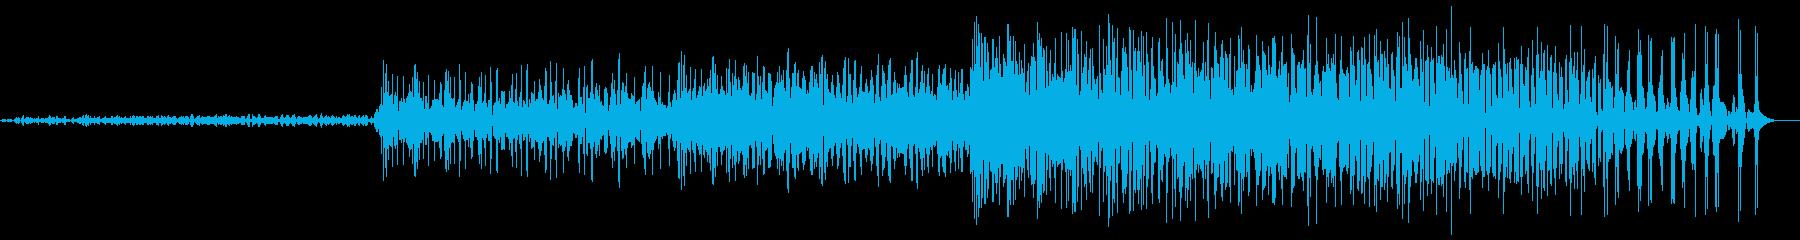 パワーバンパーの再生済みの波形